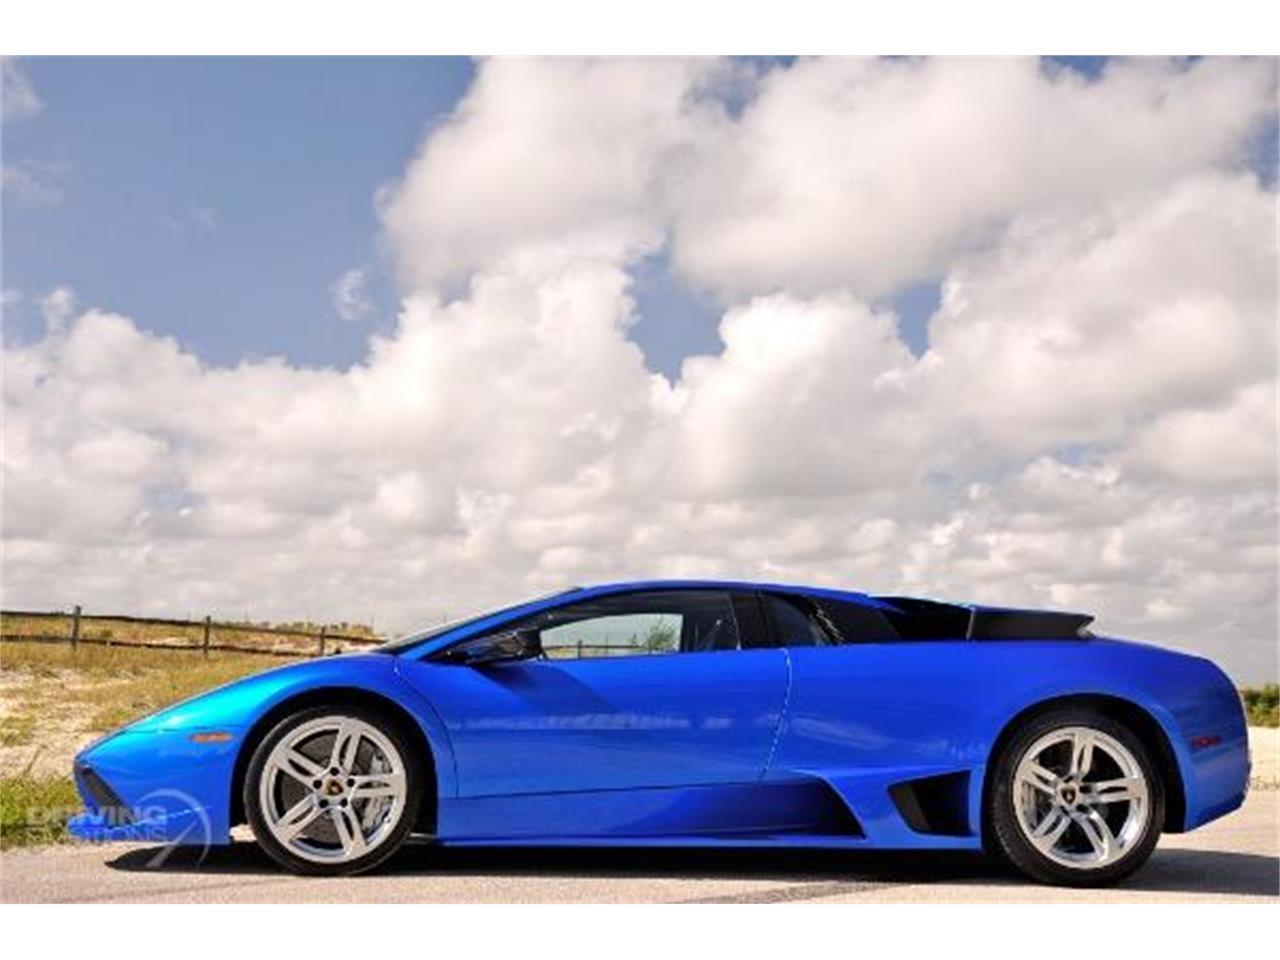 Large Picture of '08 Lamborghini Murcielago - QQLZ